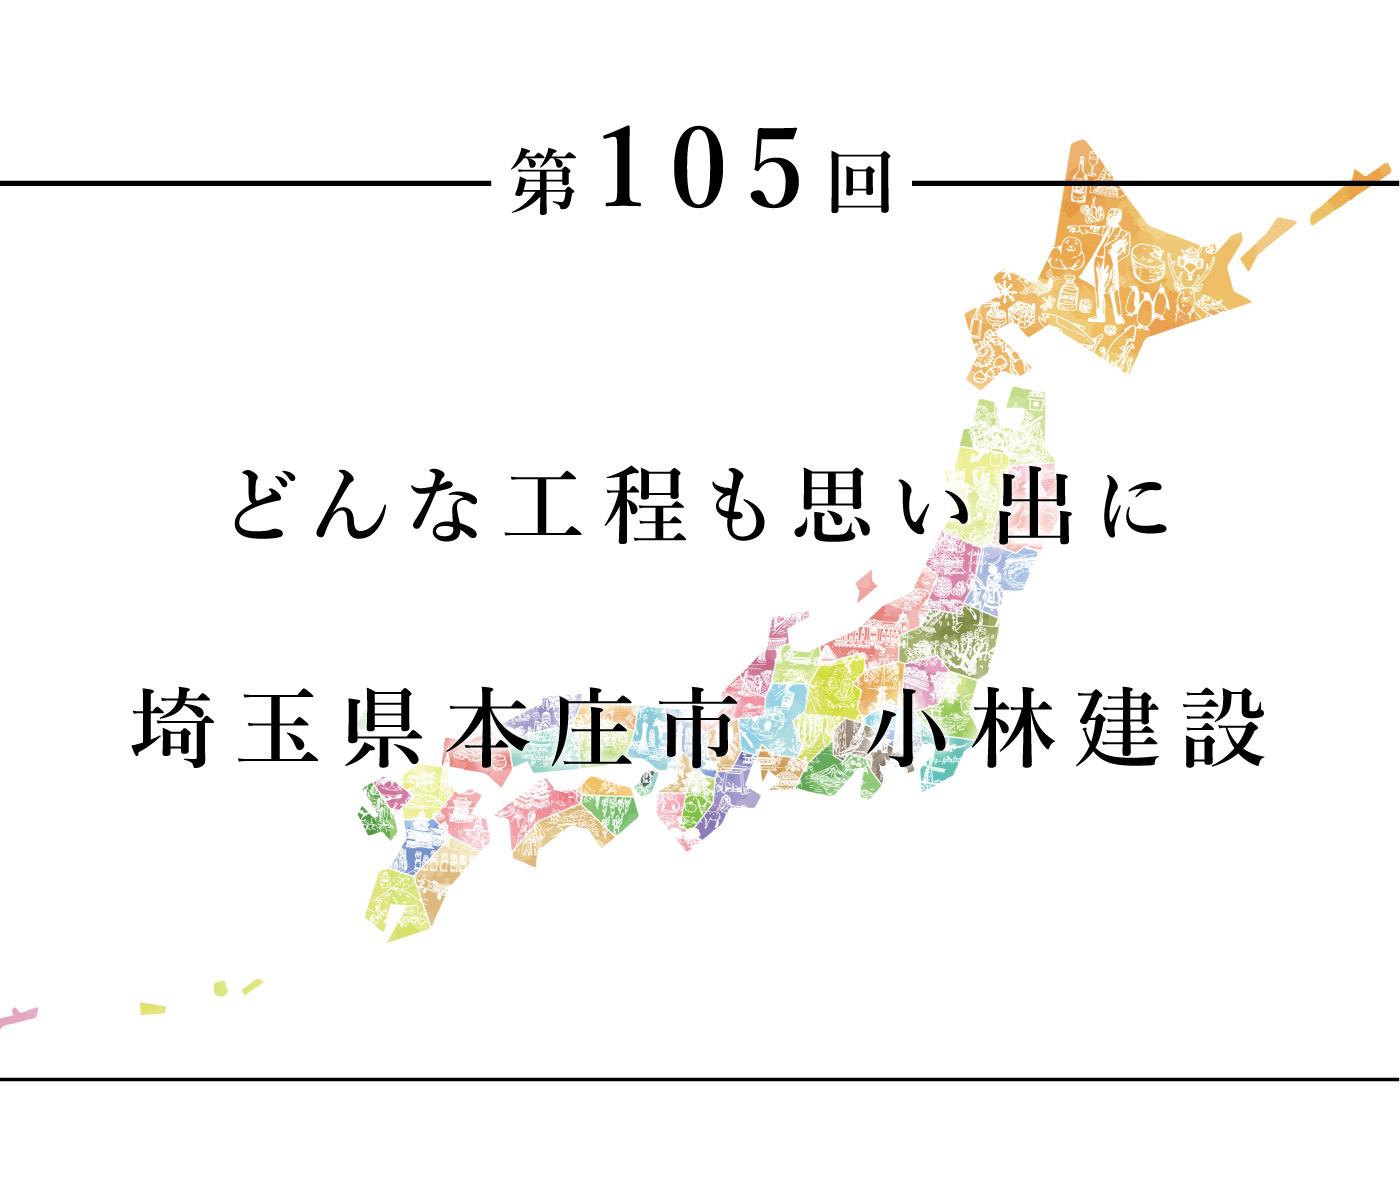 ちいきのたより第105回どんな工程も思い出に埼玉県本庄市小林建設